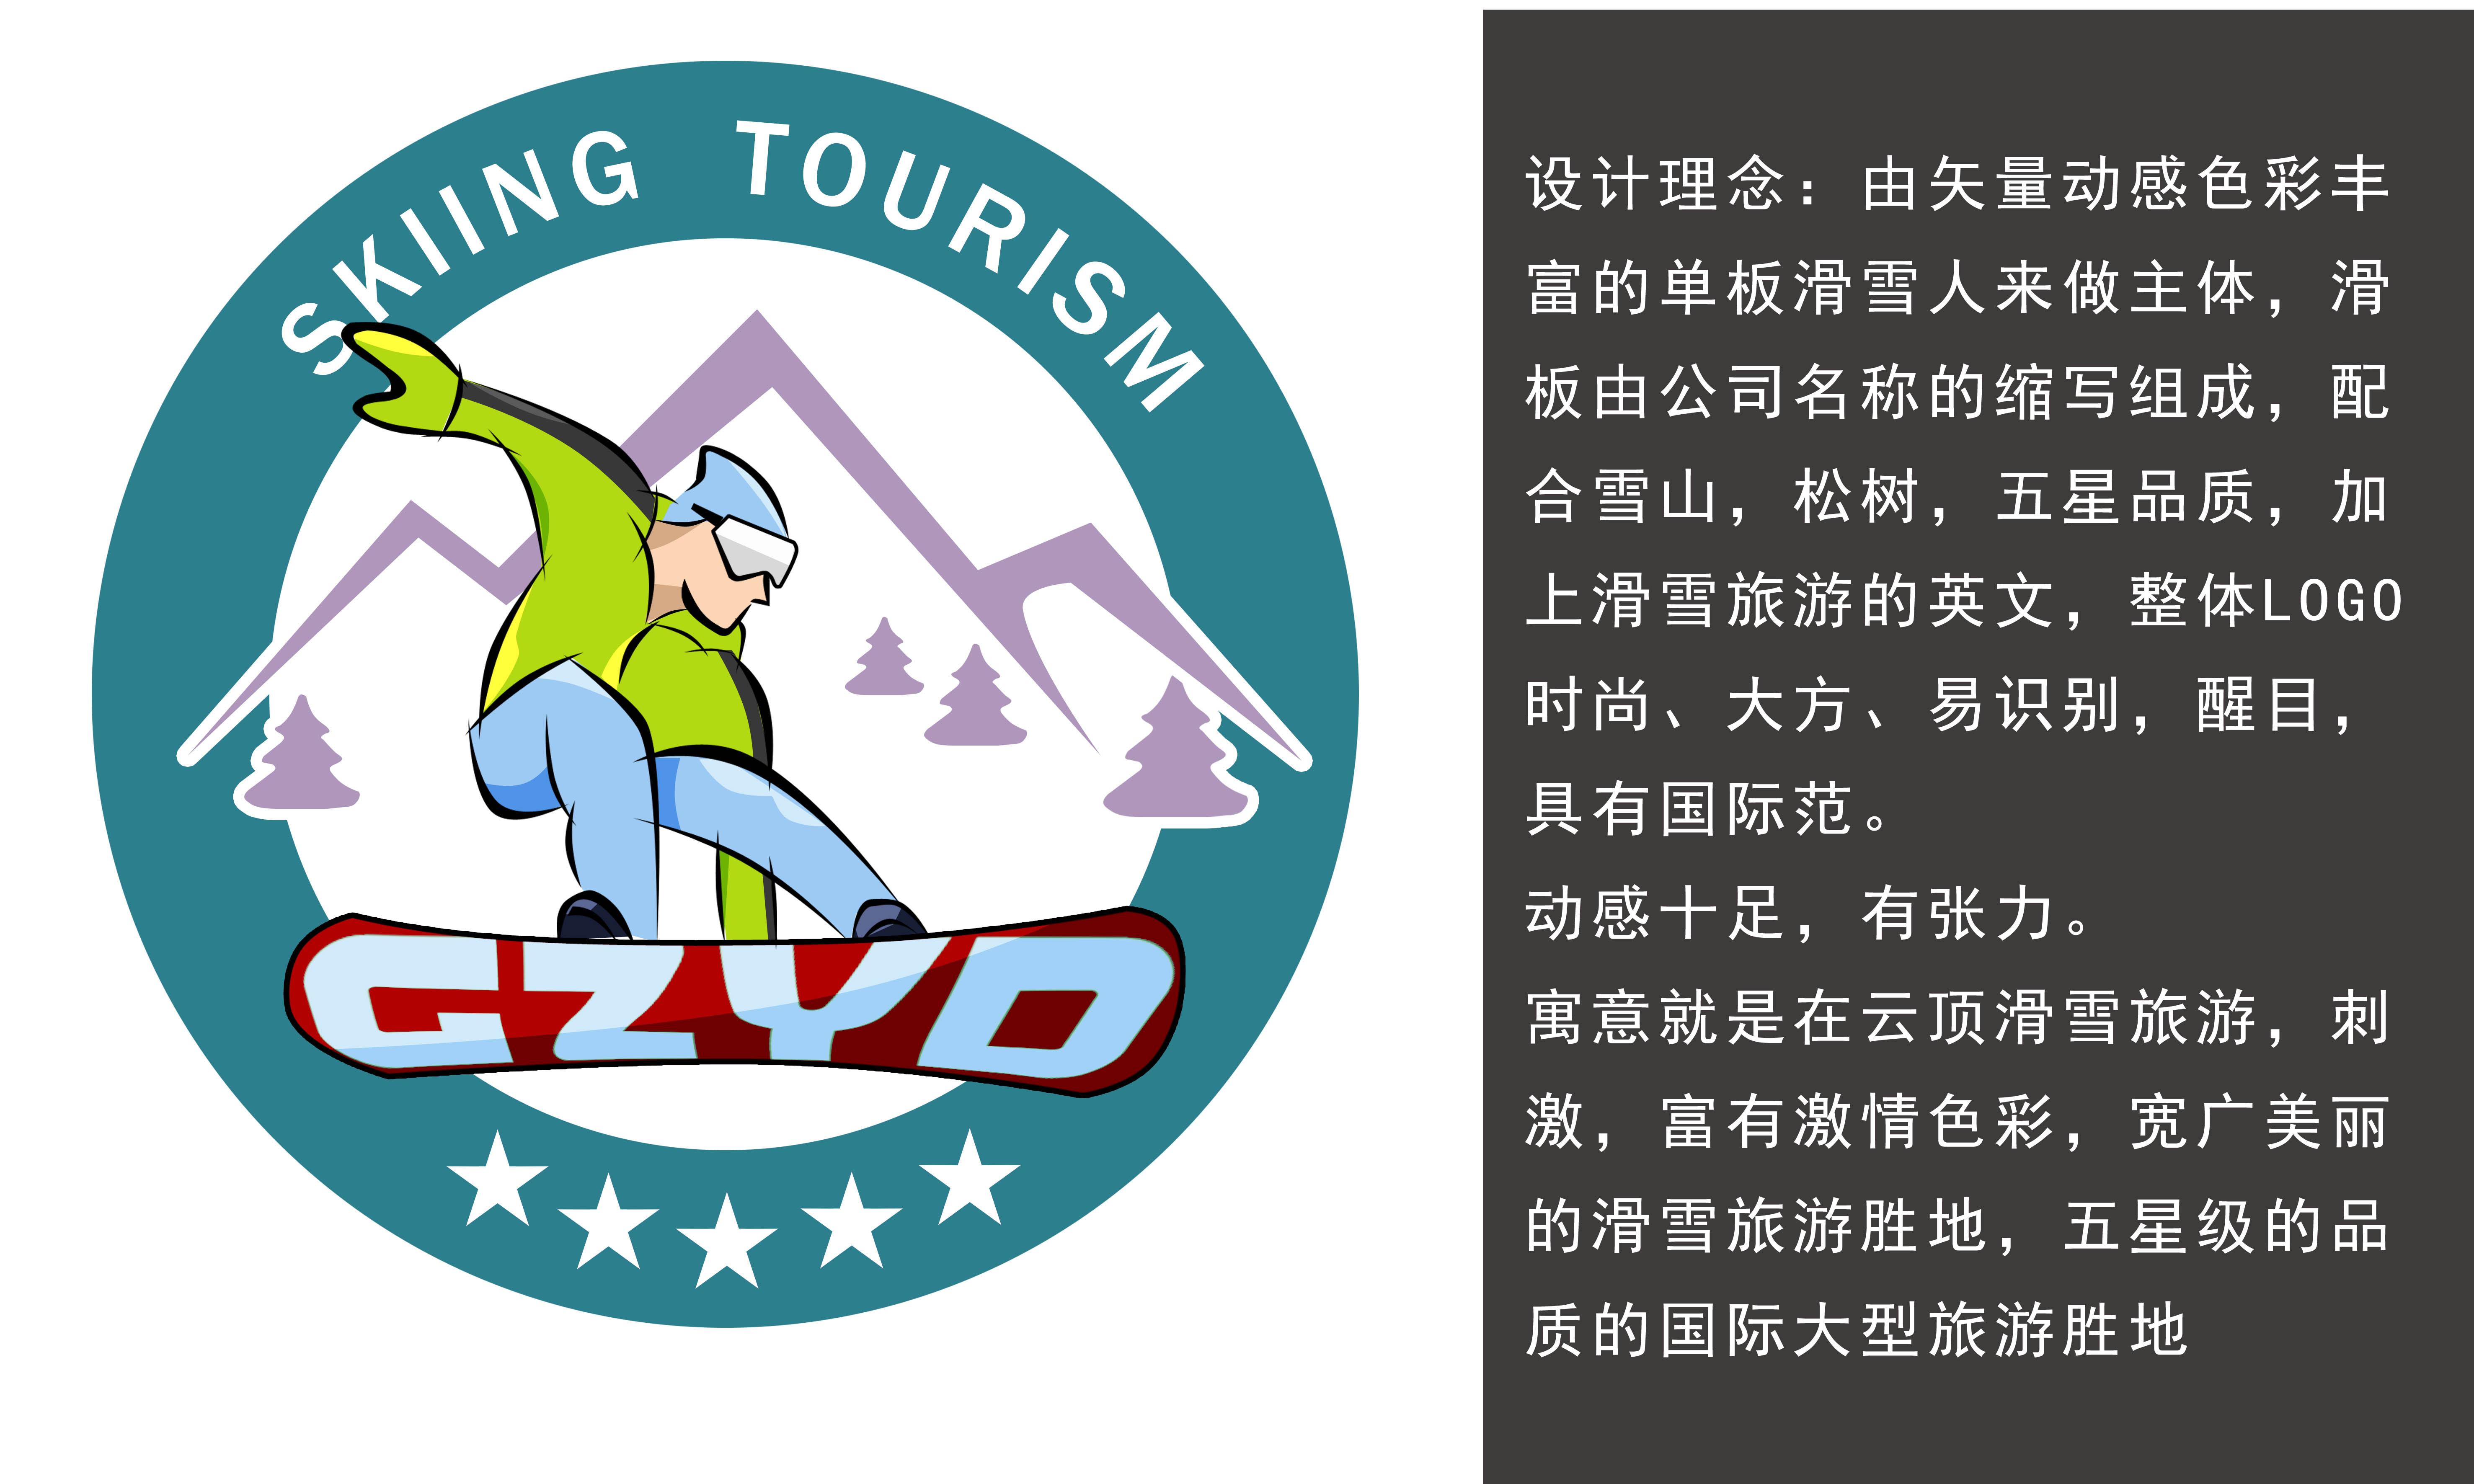 滑雪场征集标识设计【综合因素点赞稿件】_商标设计